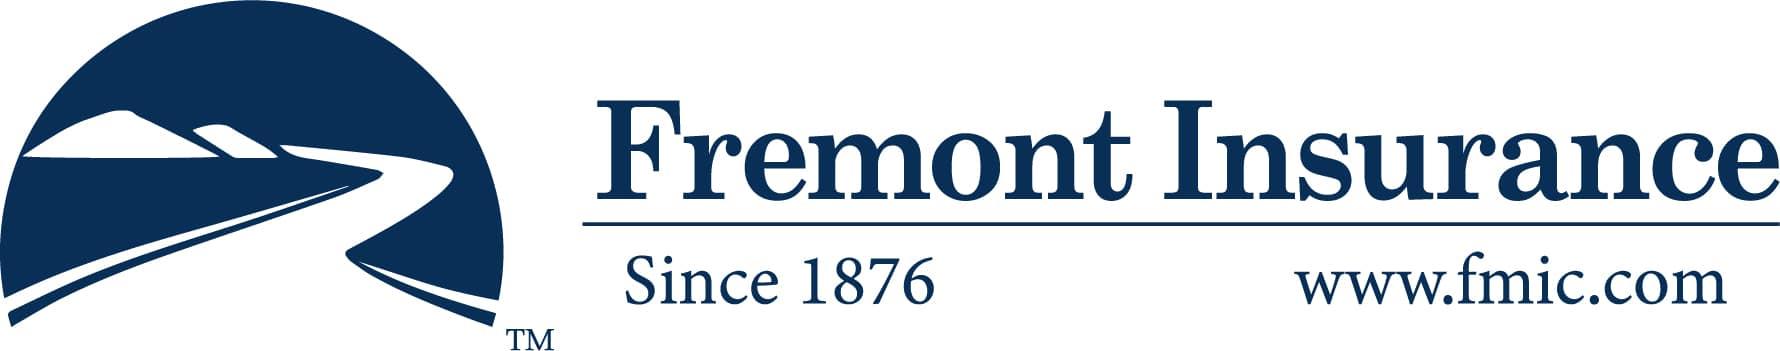 fremont-insurance-full-logo